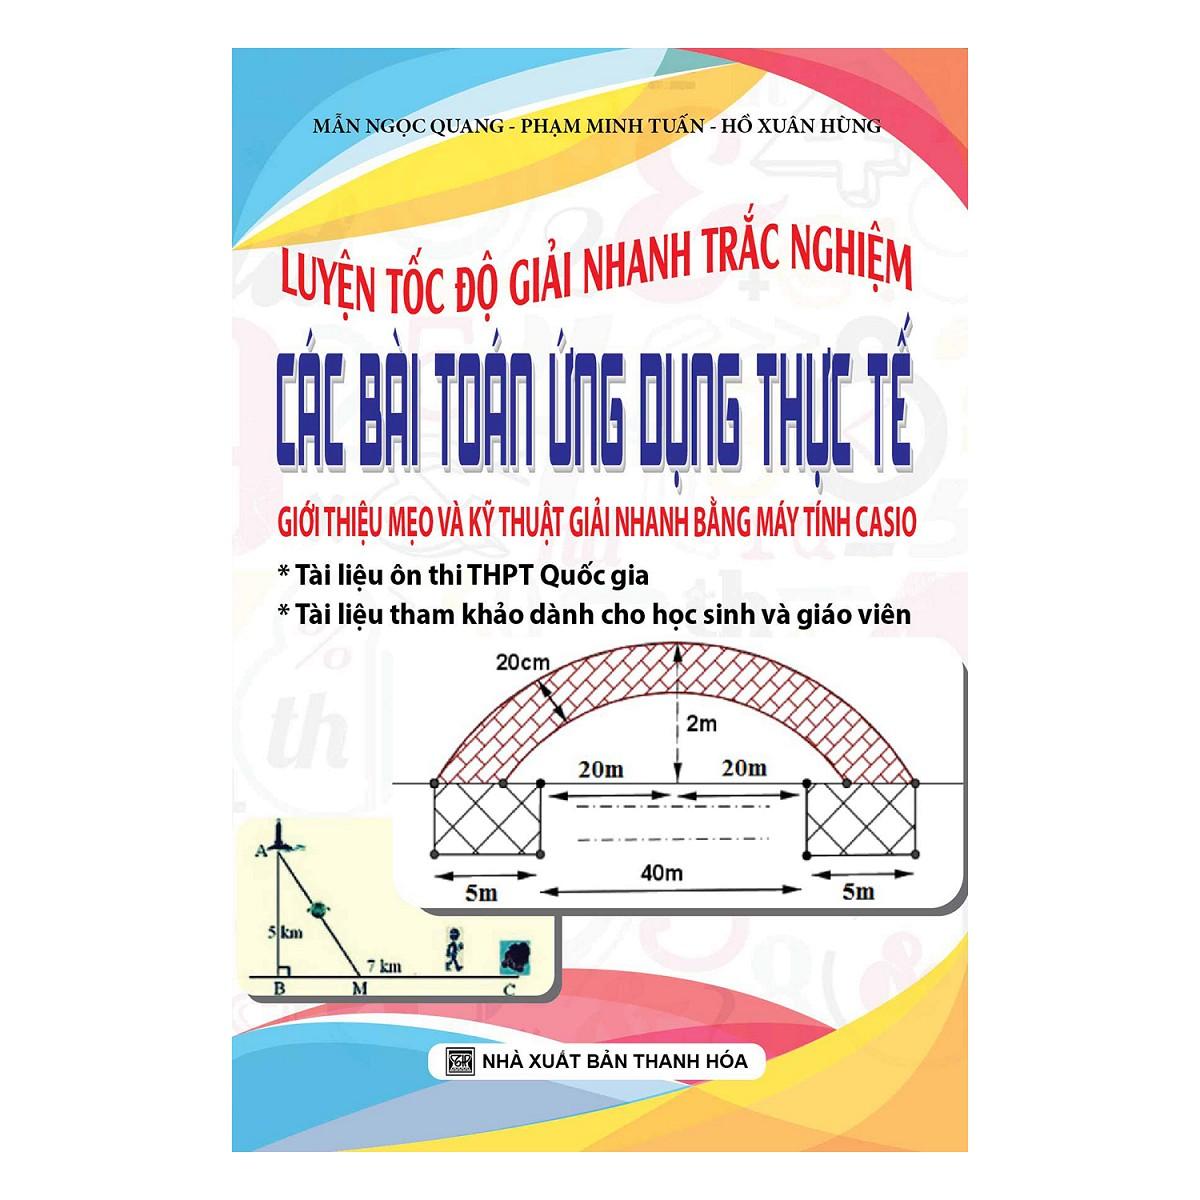 1-luyen-toc-do-giai-nhanh-trac-nghiem-cac-bai-toan-ung-dung-thuc-te-mattrc.u4972.d20170328.t152303.581962.jpg